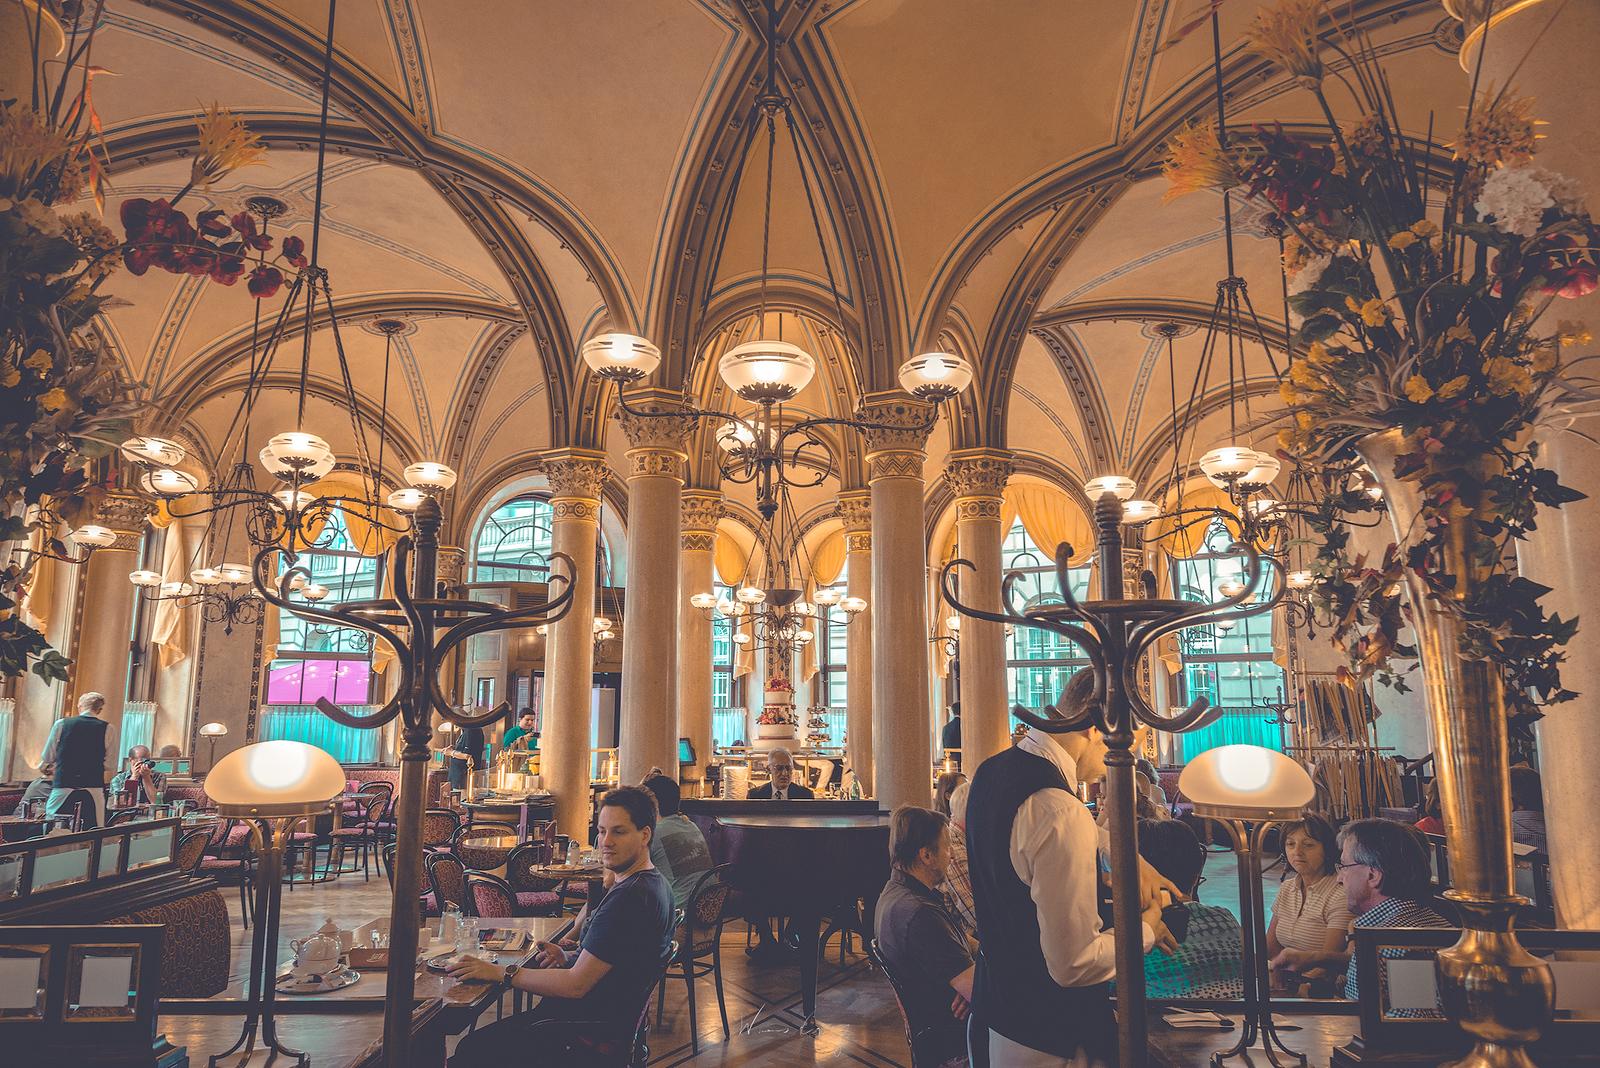 維也納與它的咖啡館們 Café Sacher Café Central by 旅行攝影師張威廉 Wilhelm Chang